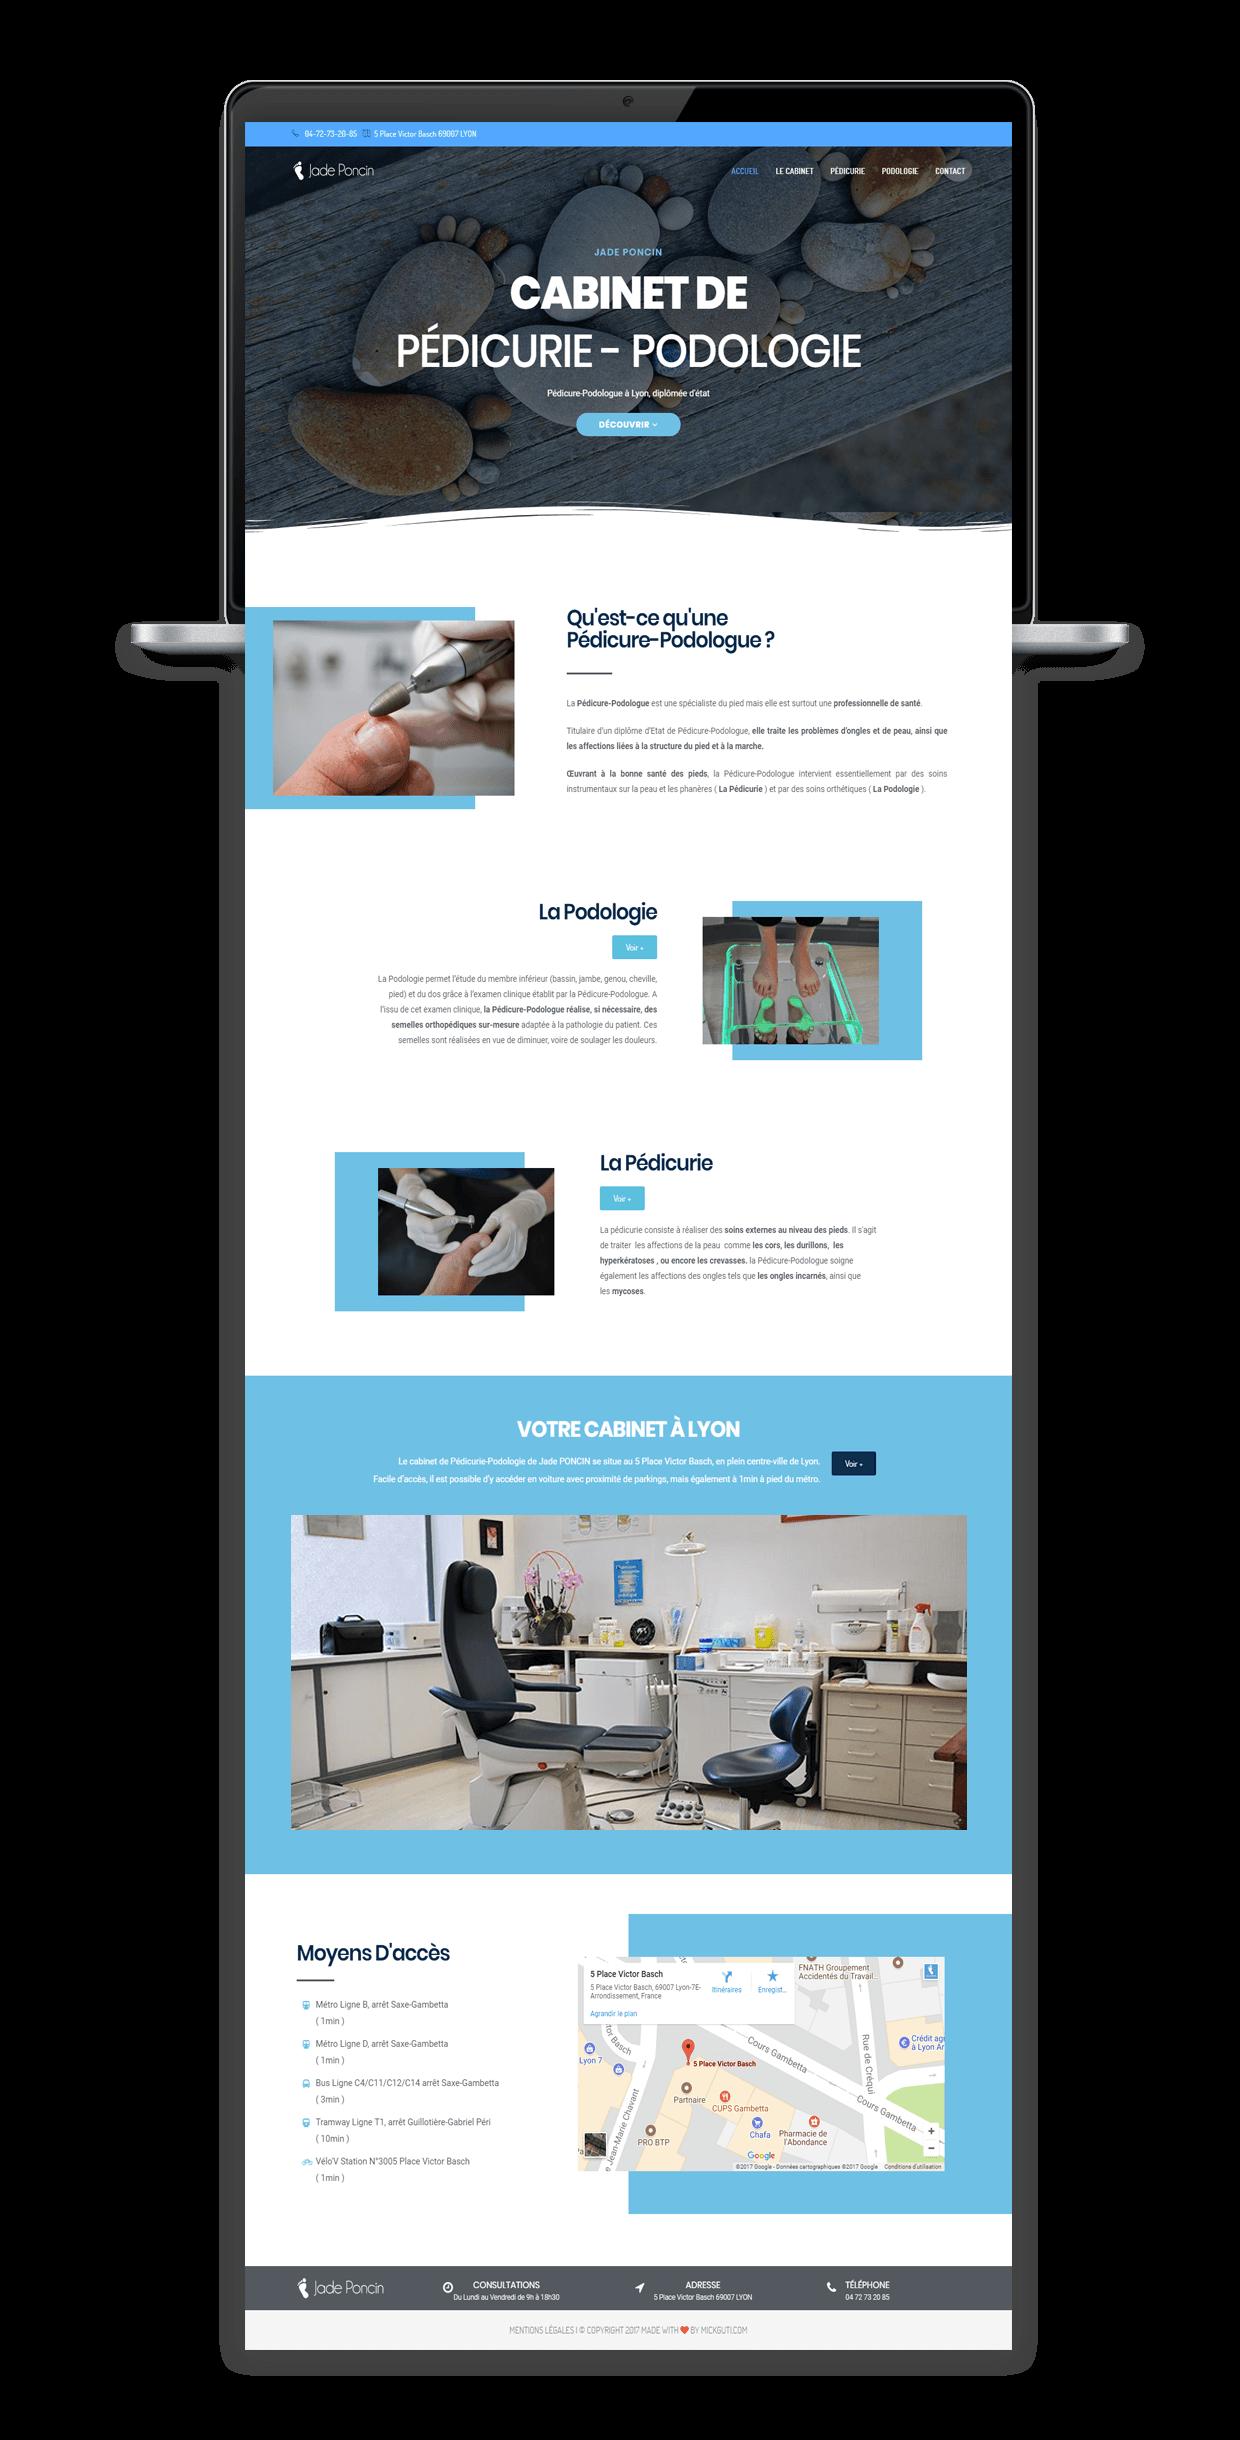 Site internet du cabinet de pédicurie podologie à lyon